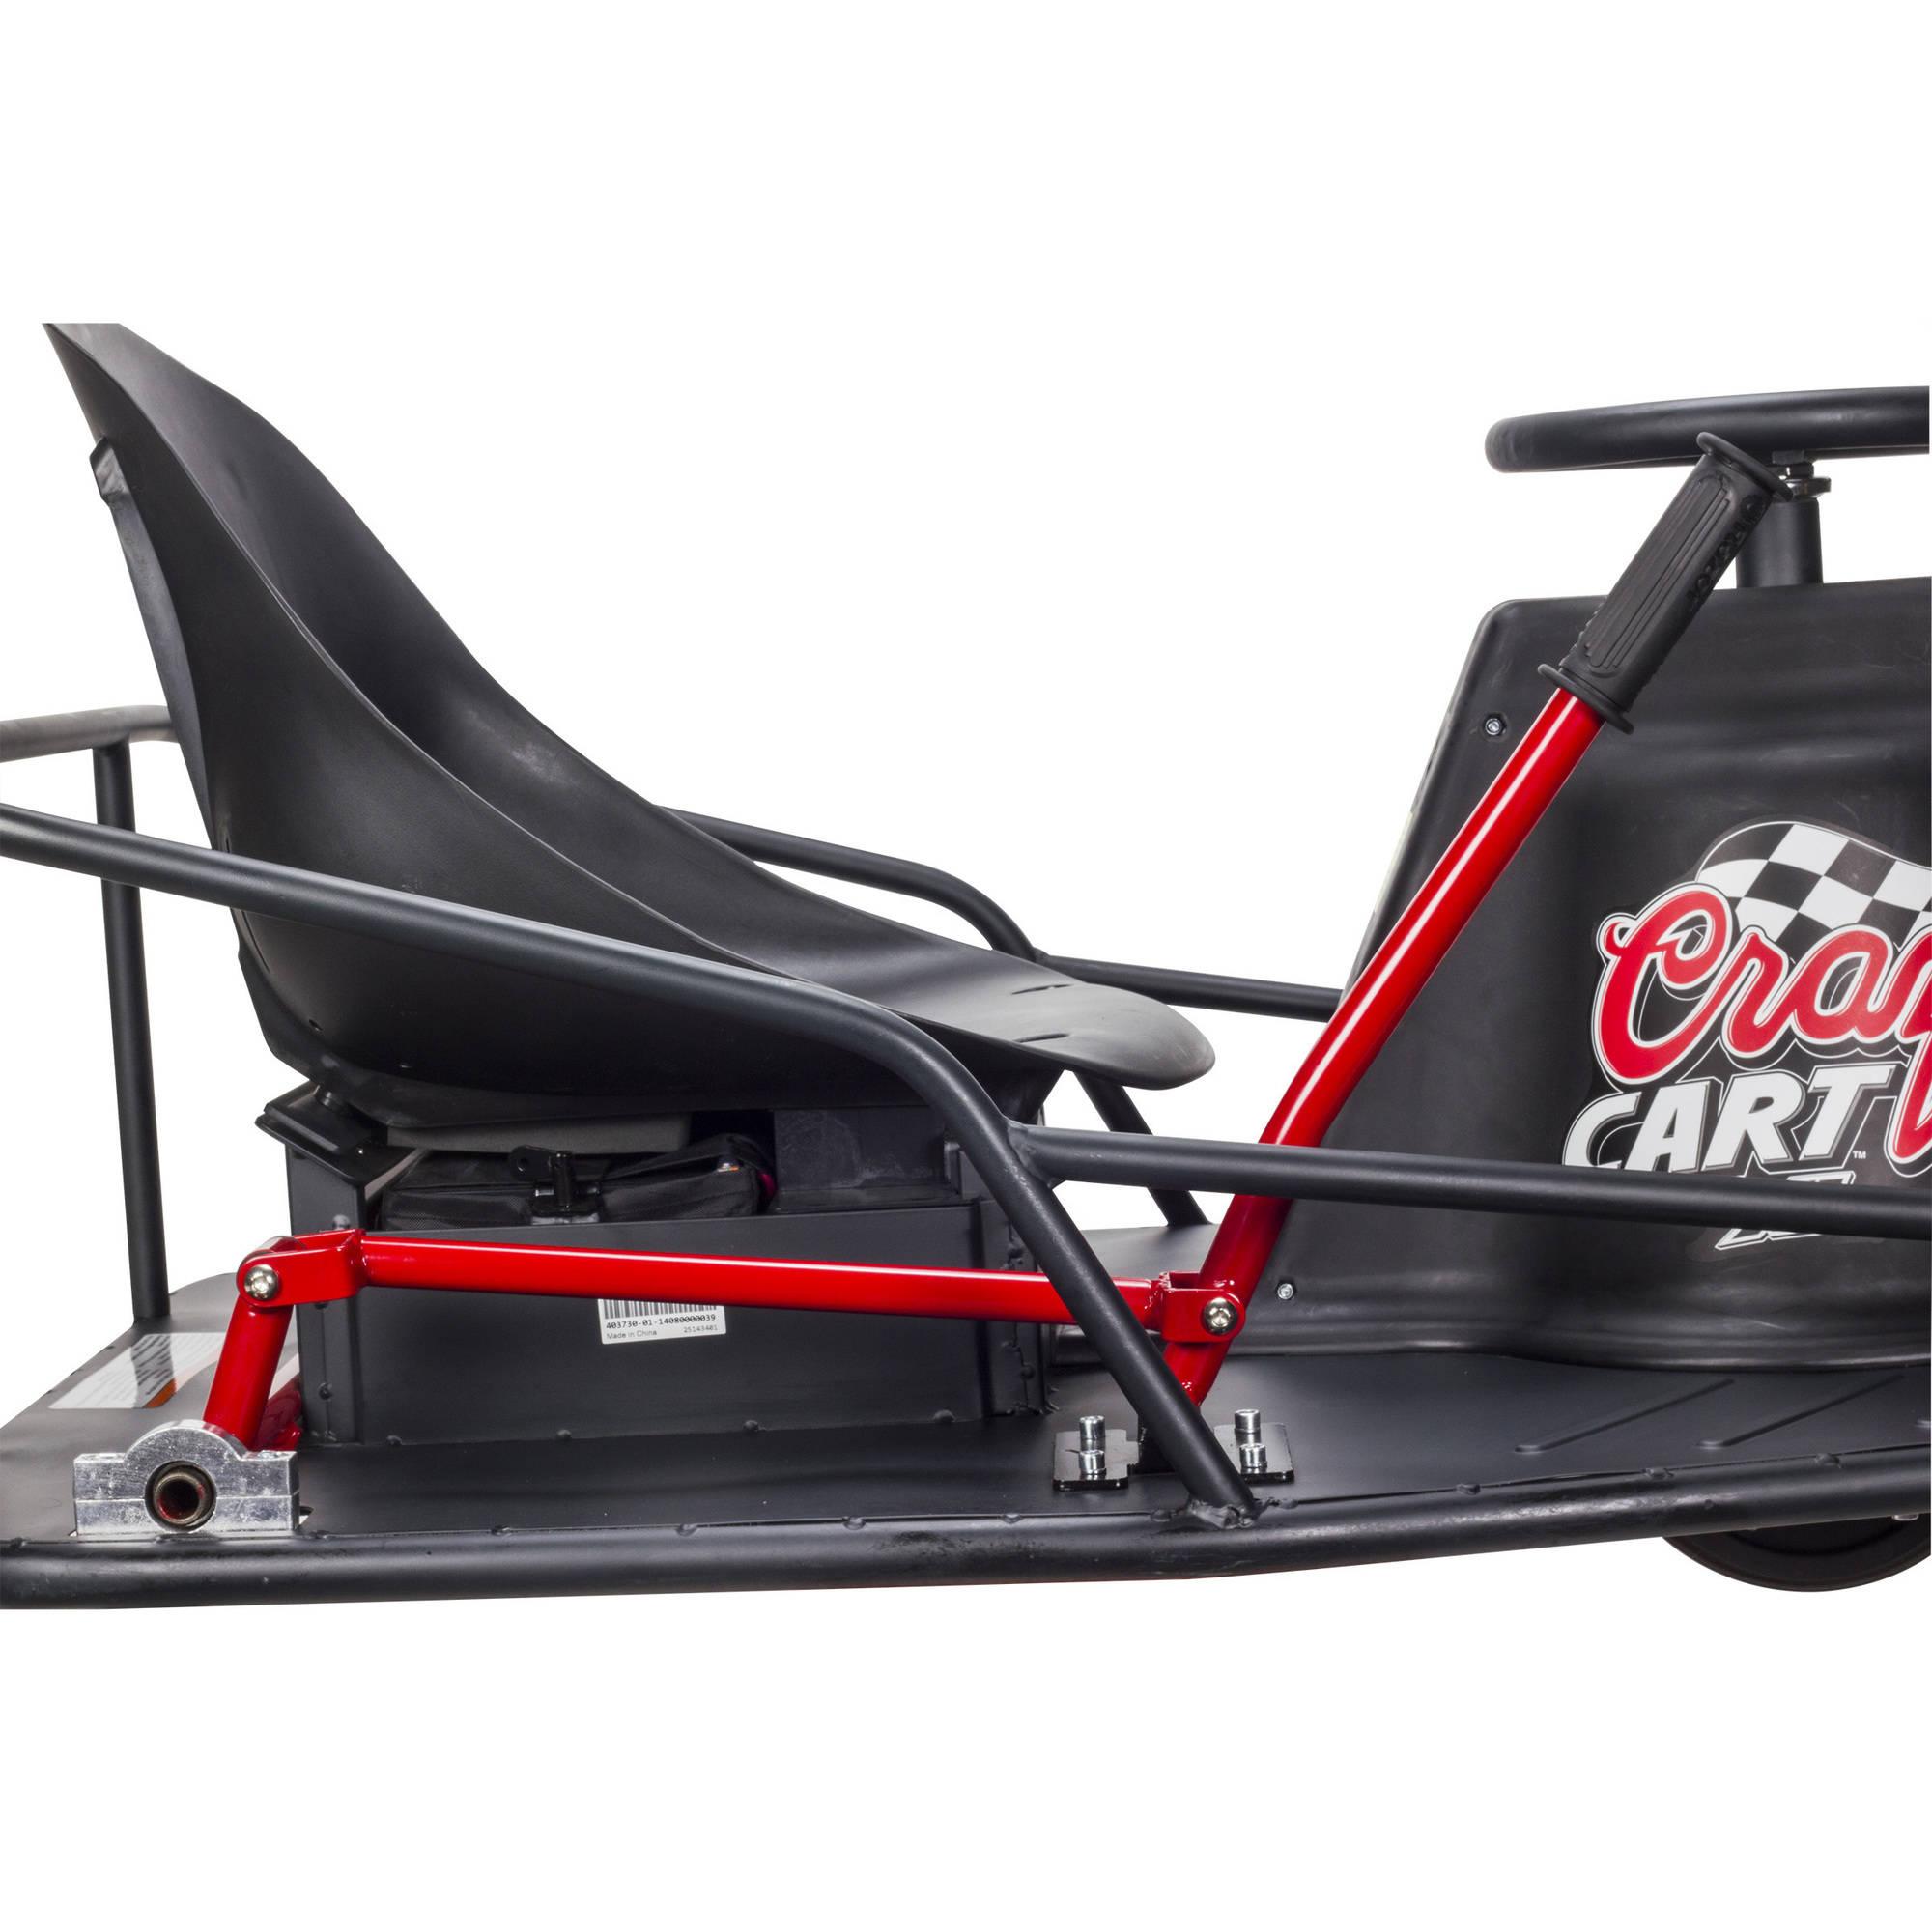 Razor Crazy Cart Xl Parts Razor Go Kart Parts All Go